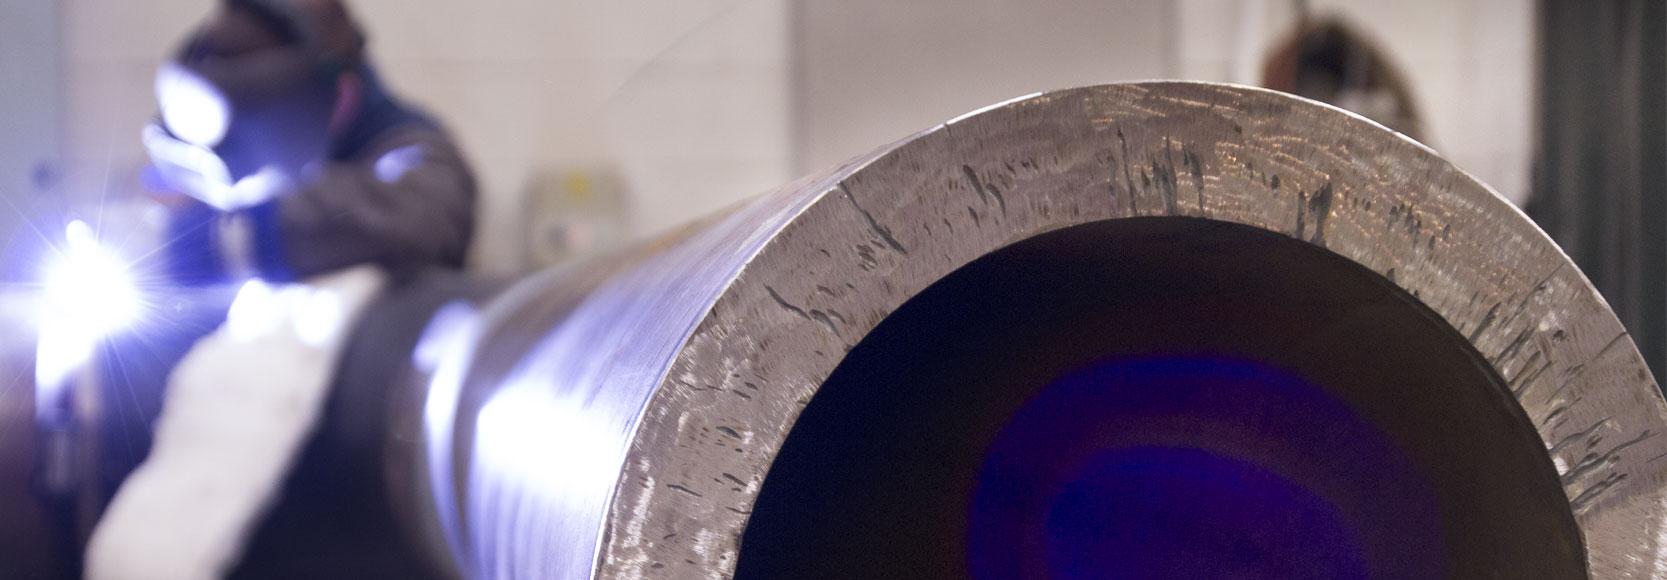 tube_fabrication